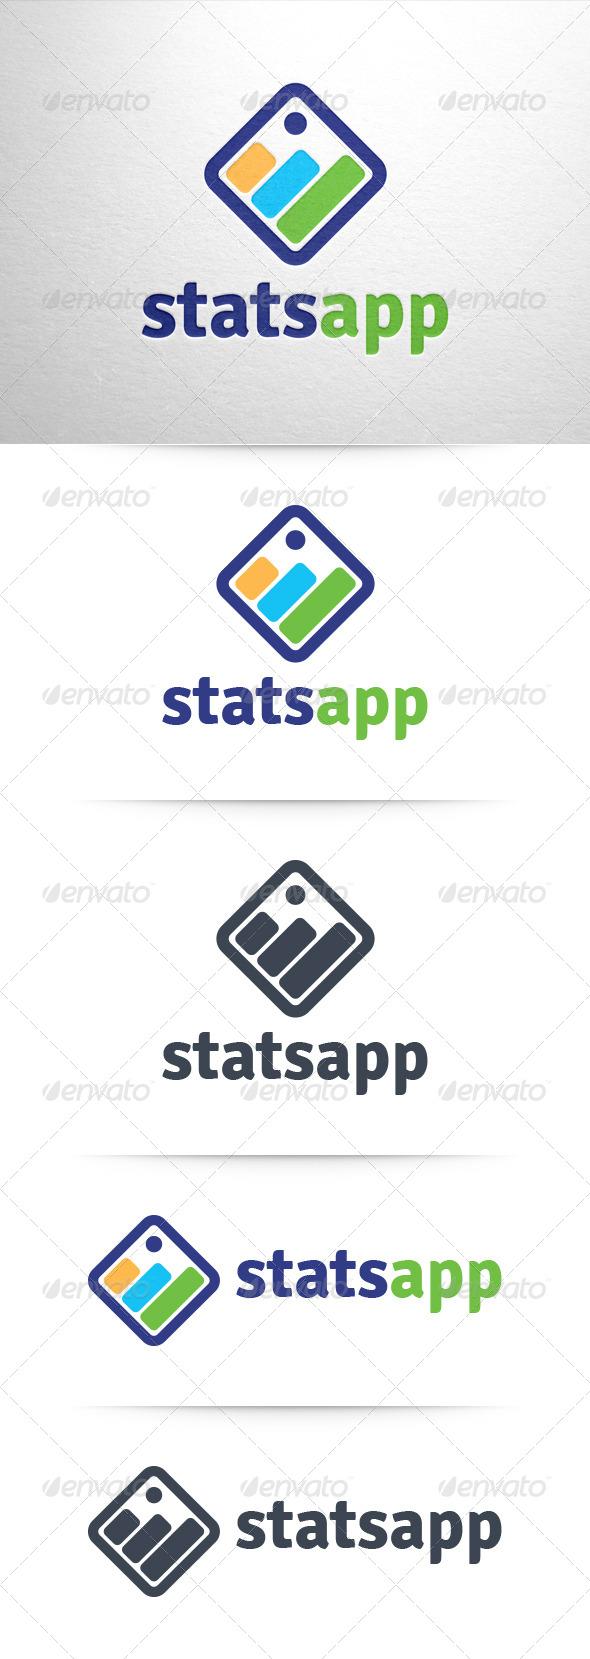 GraphicRiver Stats App Logo 6360411